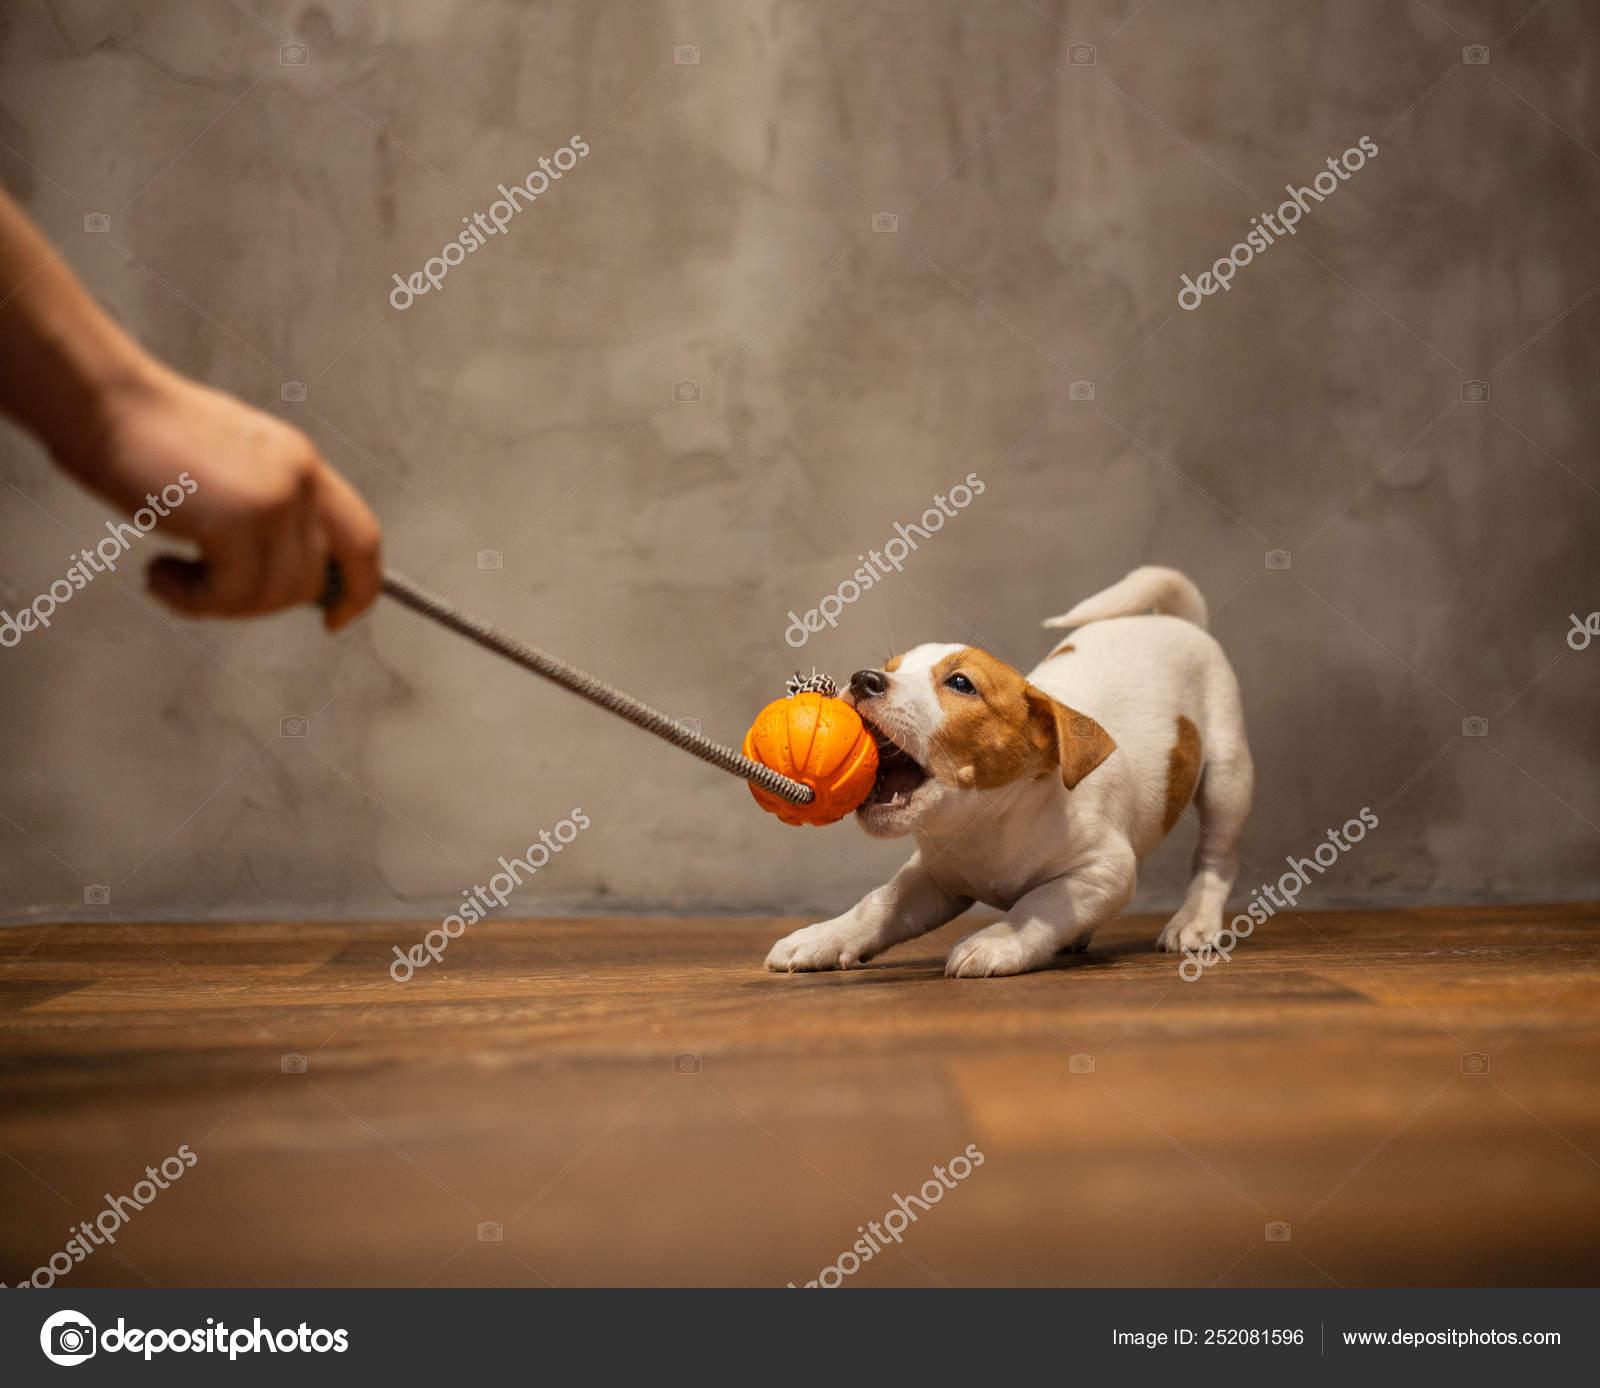 Jack Russell Terrier Puppy Pulls Teeth Orange Toy Held Human